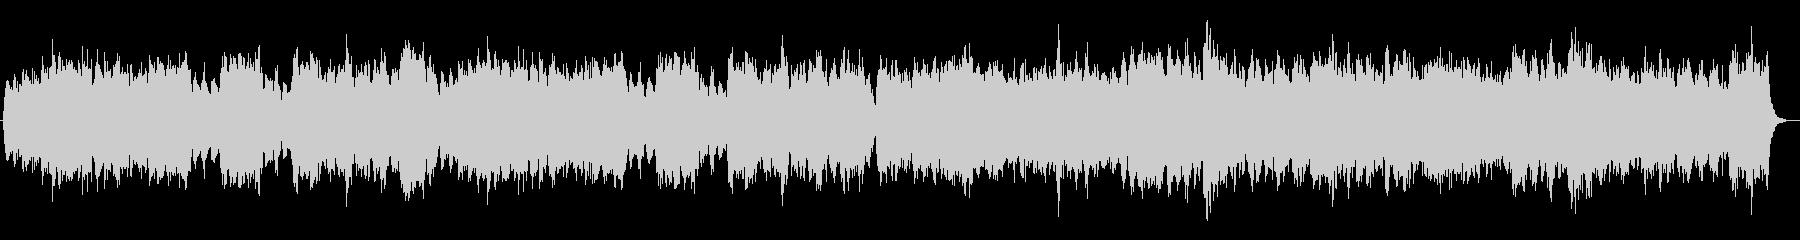 【バッハ】G線上のアリア/弦楽合奏の未再生の波形